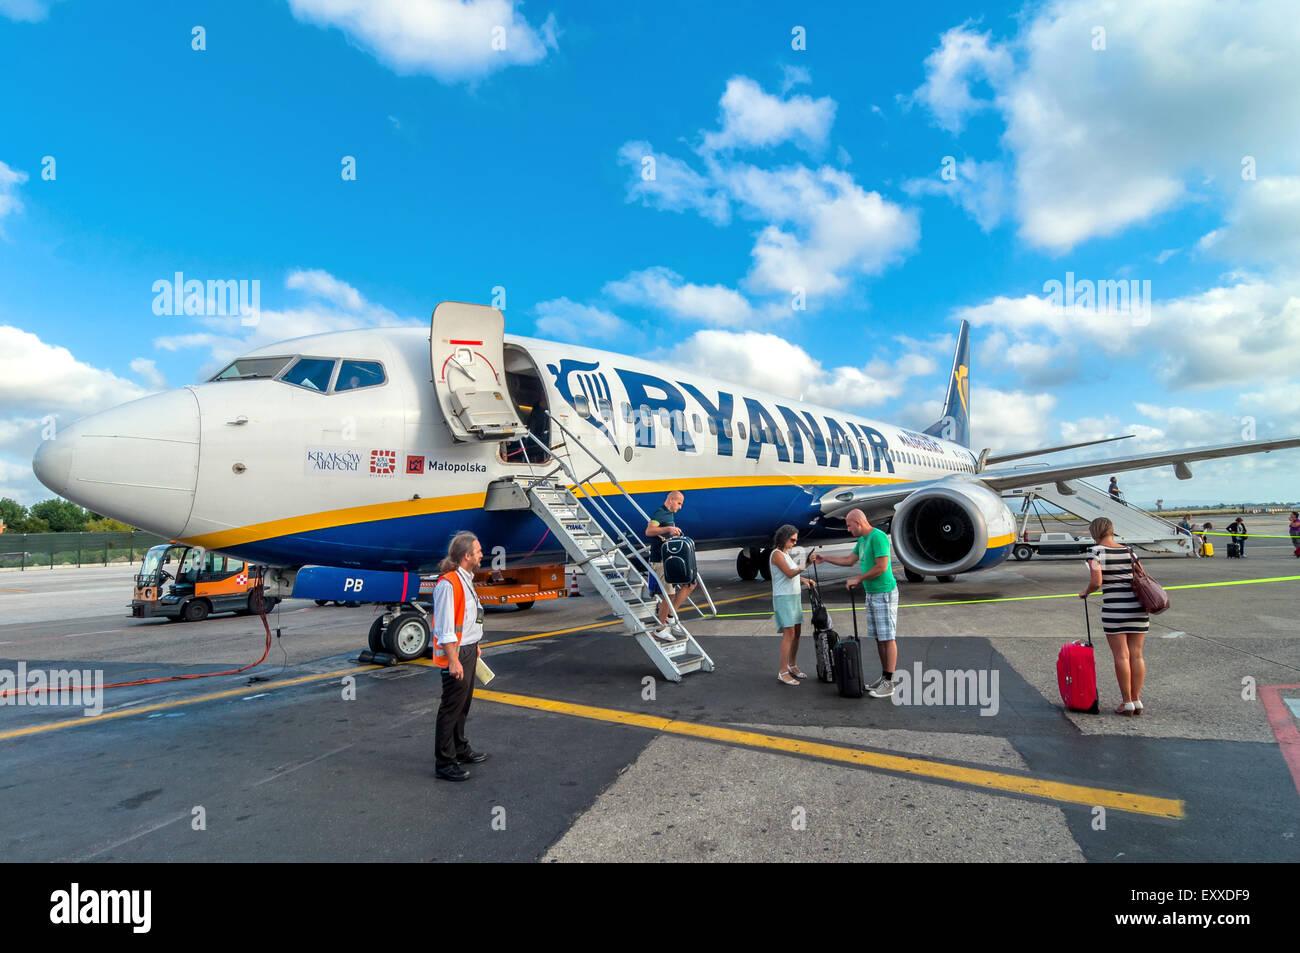 PISA, Italien - 21. August 2014: Passagiere Ausstiegsstelle Ryanair Jet-Flugzeug nach der Landung im Flughafen von Stockbild